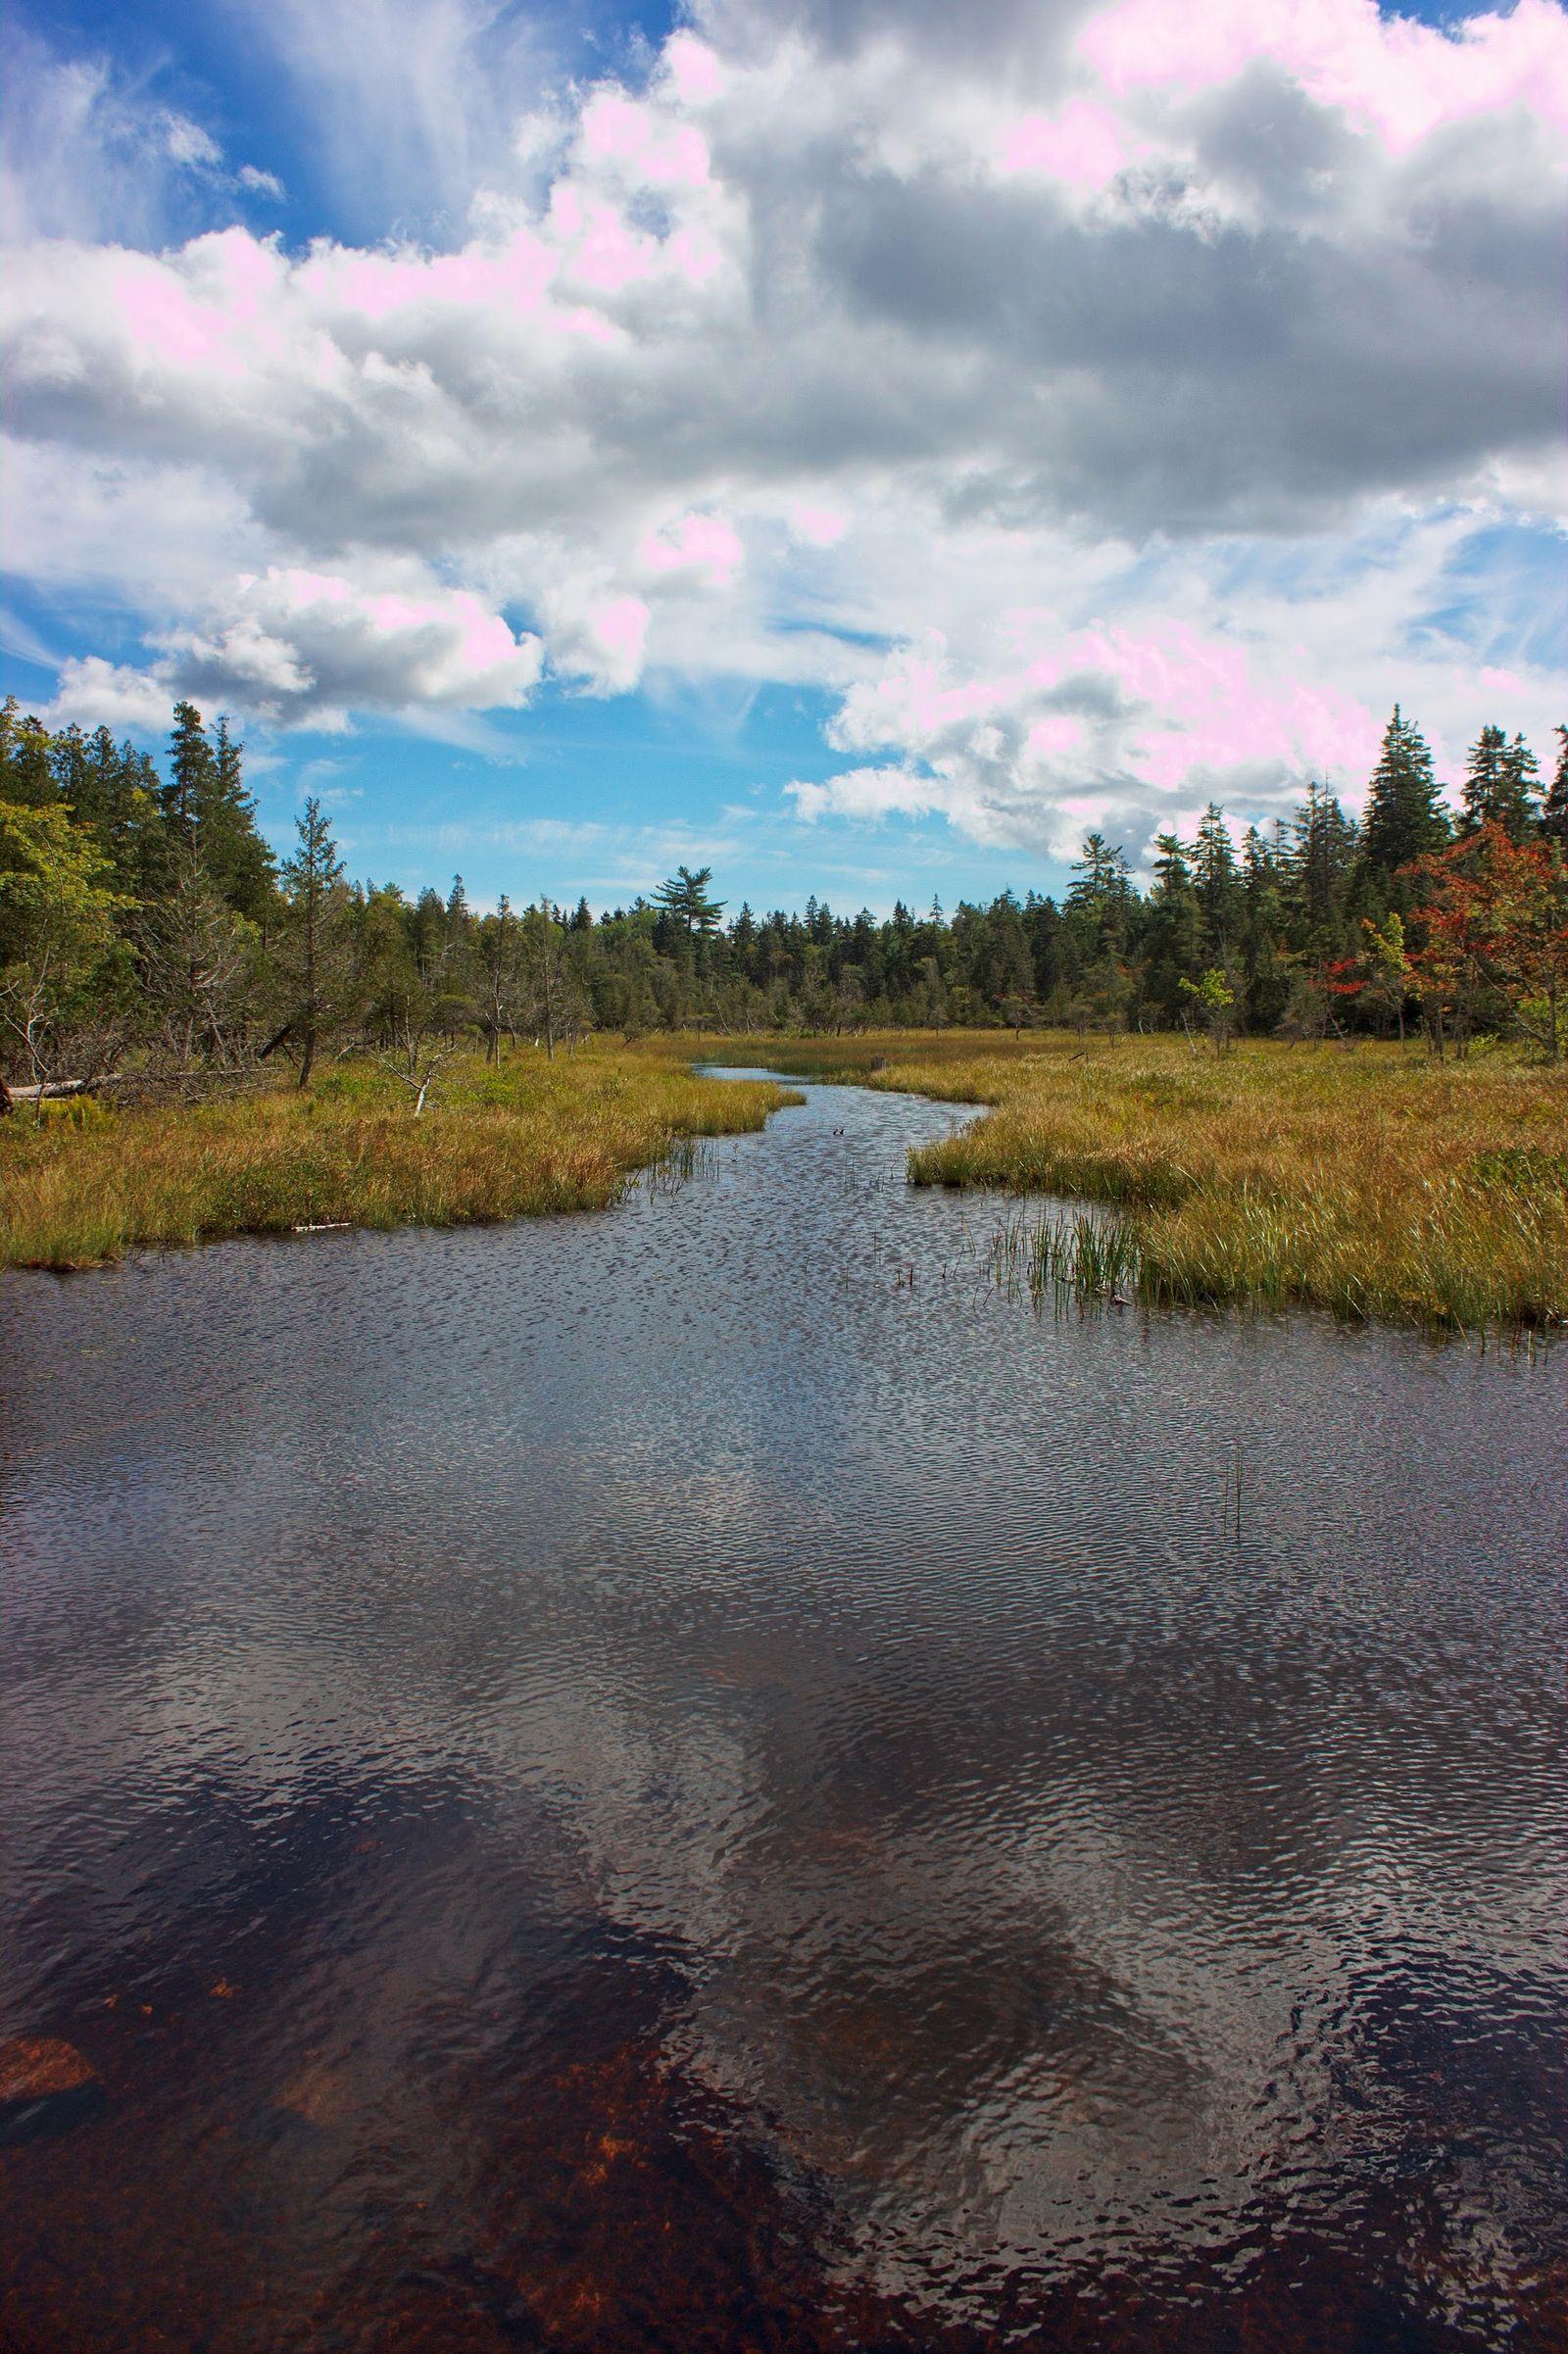 ... cruzando sobre una de las entradas de agua al lago